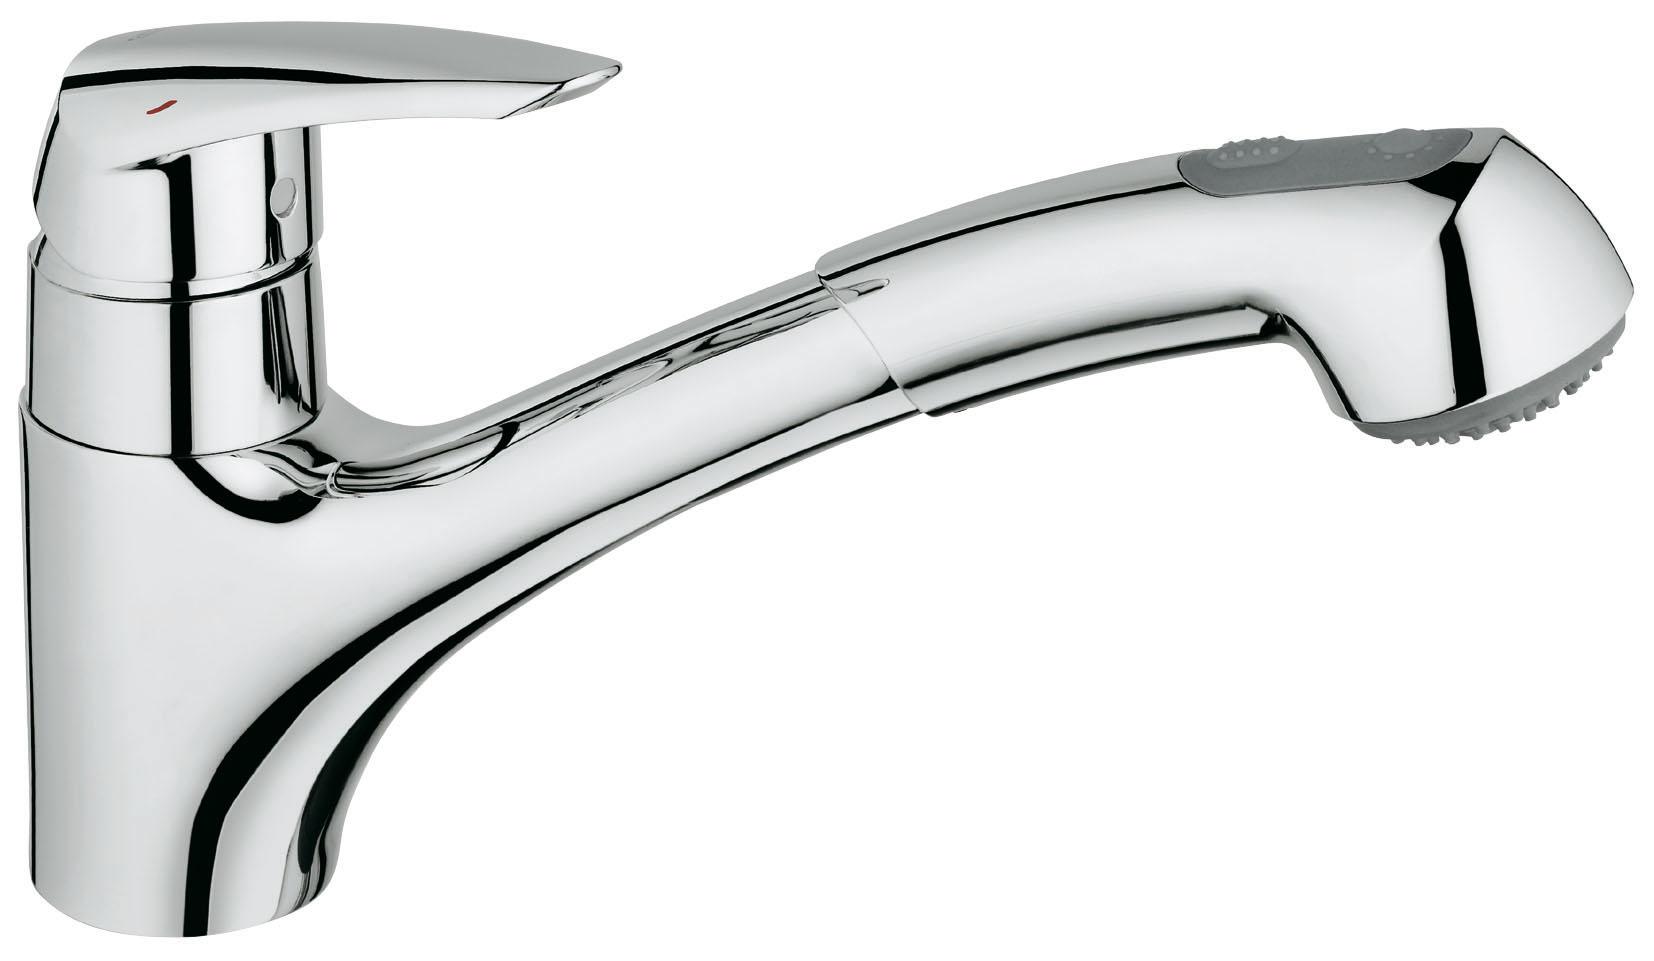 Смеситель для кухни GROHE Eurodisc с выдвижным изливом (32257001)32257001GROHE Eurodisc: удобный смеситель для кухни с выдвижной душевой головкой Когда после приготовления вкусного ужина останется гора грязных кастрюль и сковород, выдвижная душевая головка данного кухонного смесителя поможет Вам разделаться с ними со скоростью профессионала. Этот однорычажный смеситель всегда поможет Вам быстро справляться с мытьем посуды и поддержанием мойки в чистоте. Благодаря картриджу с технологией GROHE SilkMove, рычаг управления отличается плавным и легким ходом. Возможность вращения излива в радиусе 140° увеличивает свободу движений при повседневной работе на кухне. Данный смеситель был разработан таким образом, чтобы быть удобным для пользователей во всех отношениях, поэтому он снабжен системой предотвращения известкования SpeedClean и системой упрощенного монтажа, позволяющей выполнить его установку быстро и без затруднений. Благодаря сияющему хромированному покрытию GROHE, этот надежный смеситель Eurodisc станет эффектным дополнением к оснащению Вашей кухни.Особенности:Монтаж на одно отверстие GROHE SilkMove керамический картридж O 46 мм GROHE StarLight хромированная поверхностьРегулировка расхода воды Поворотный литой излив сОграничителем поворота Встроенный выдвижной изливС возвратной пружиной Автоматический переключатель: Стандартная/душевая струя Гибкая подводка Система быстрого монтажаВидео по установке является исключительно информационным. Установка должна проводиться профессионалами! хром.